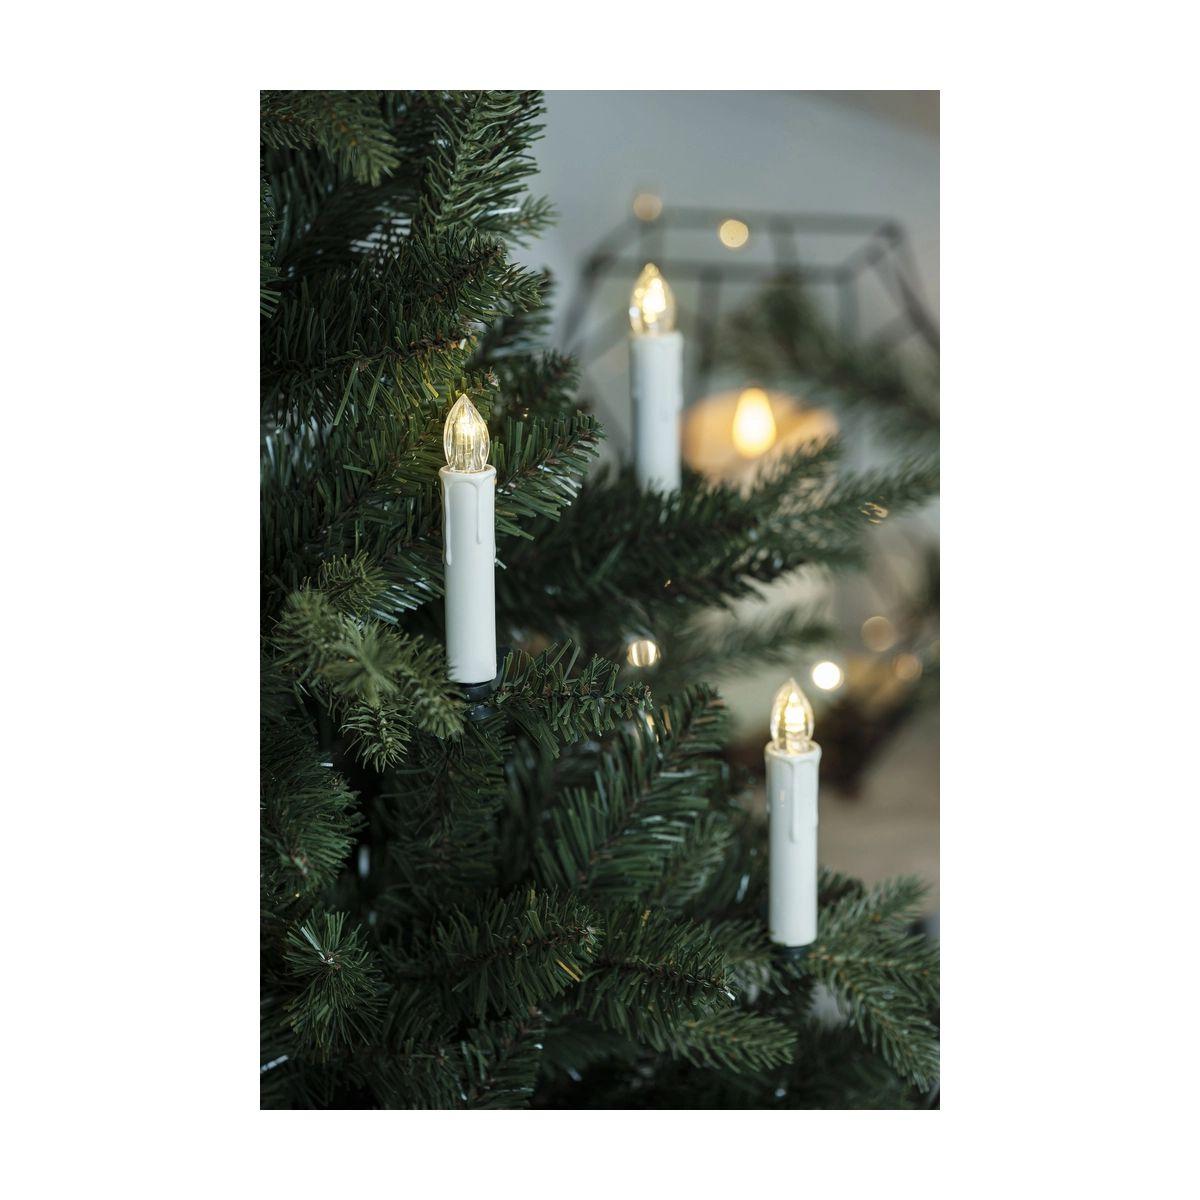 Kulz LED Juletrebelysning